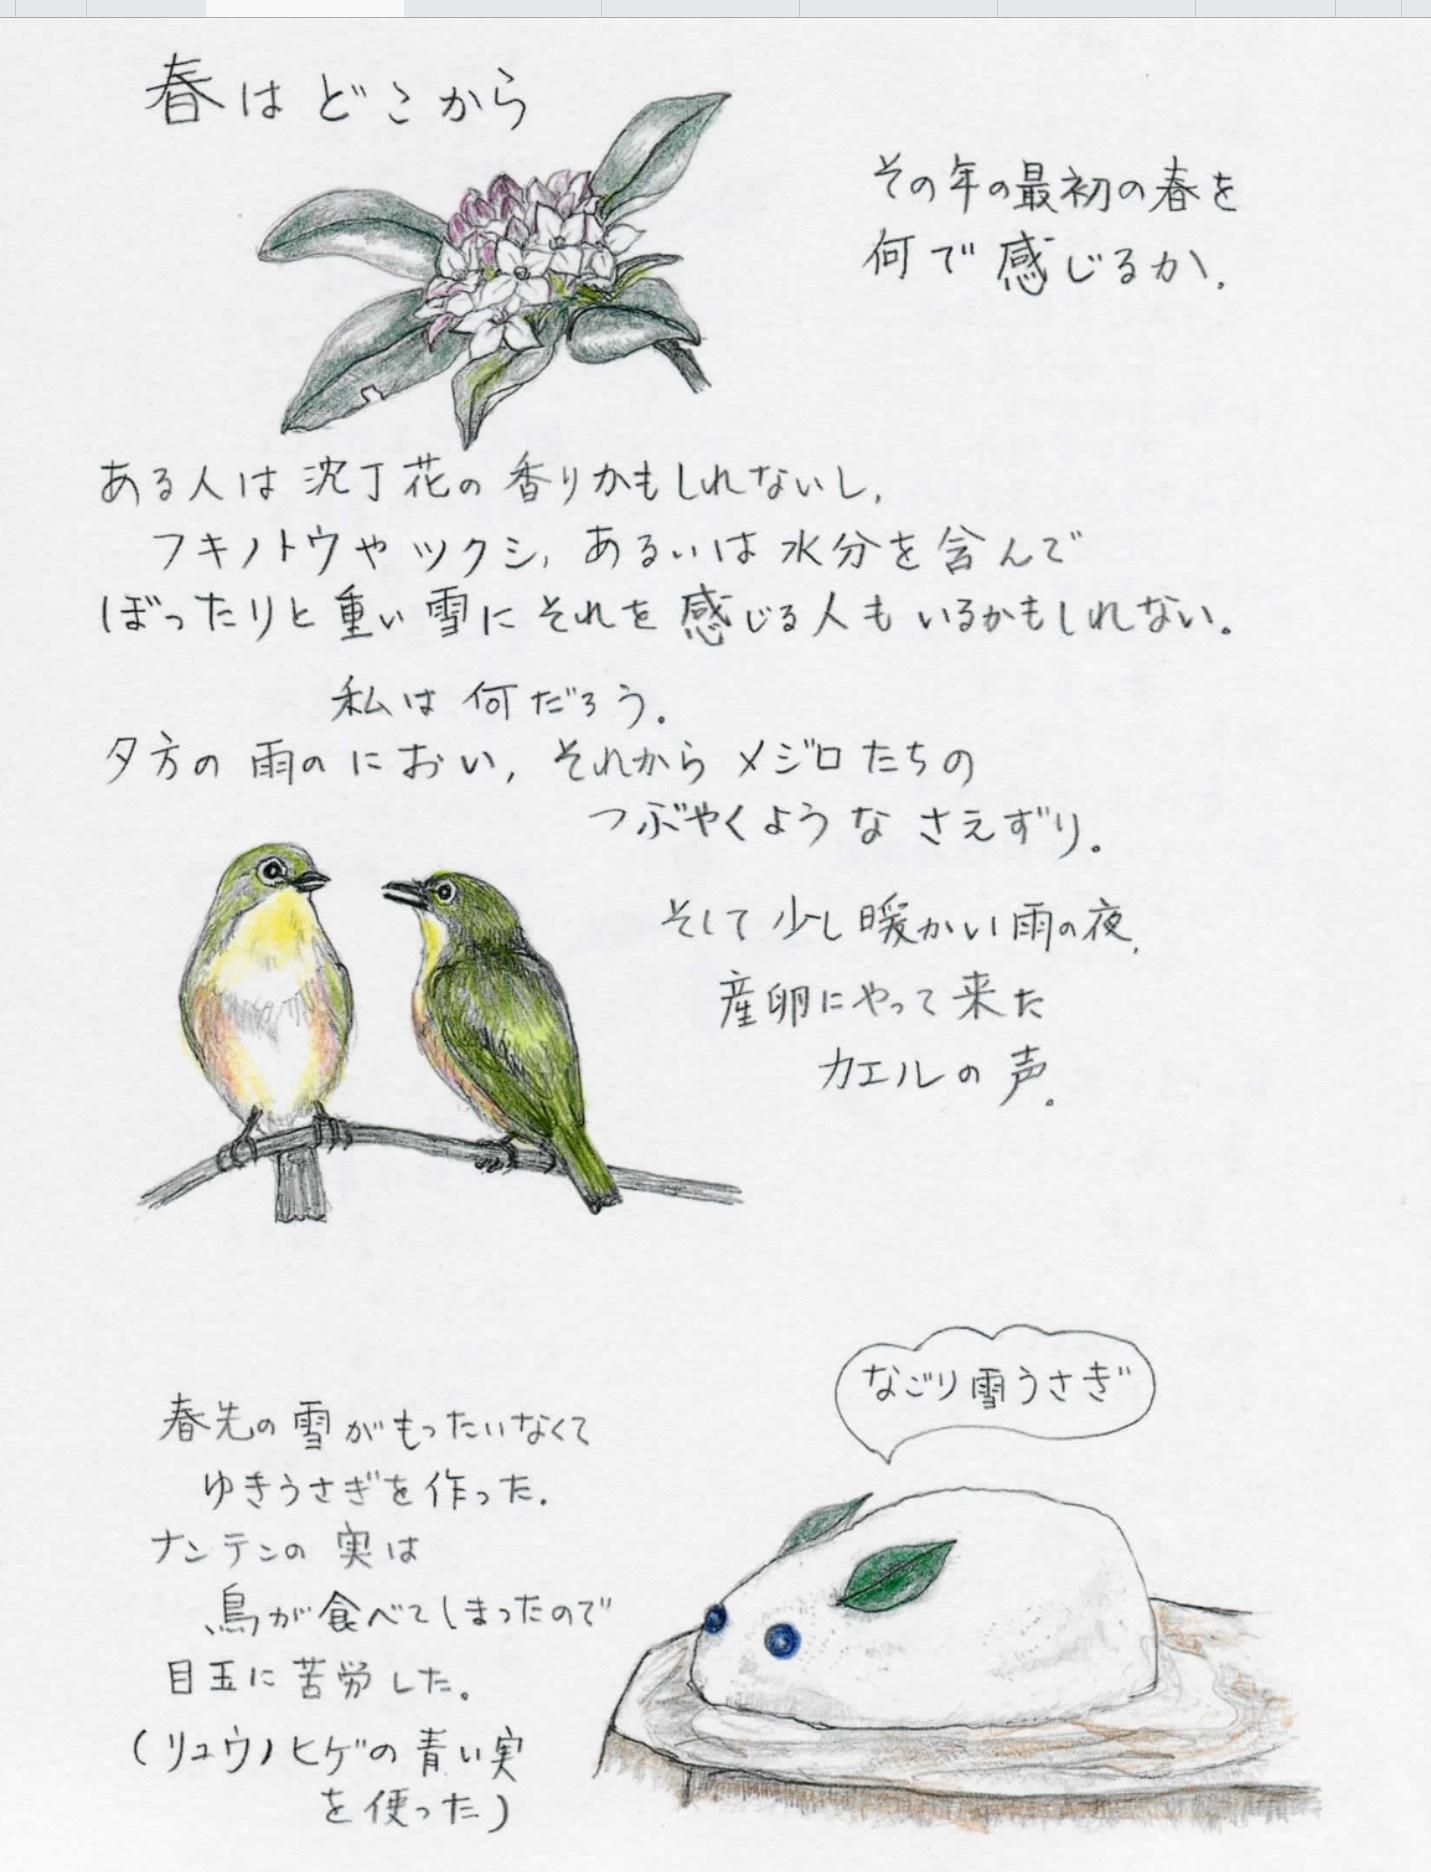 春はどこから……アナーセンの春は、育種ビオラ展から始まります…_b0137969_06174290.png